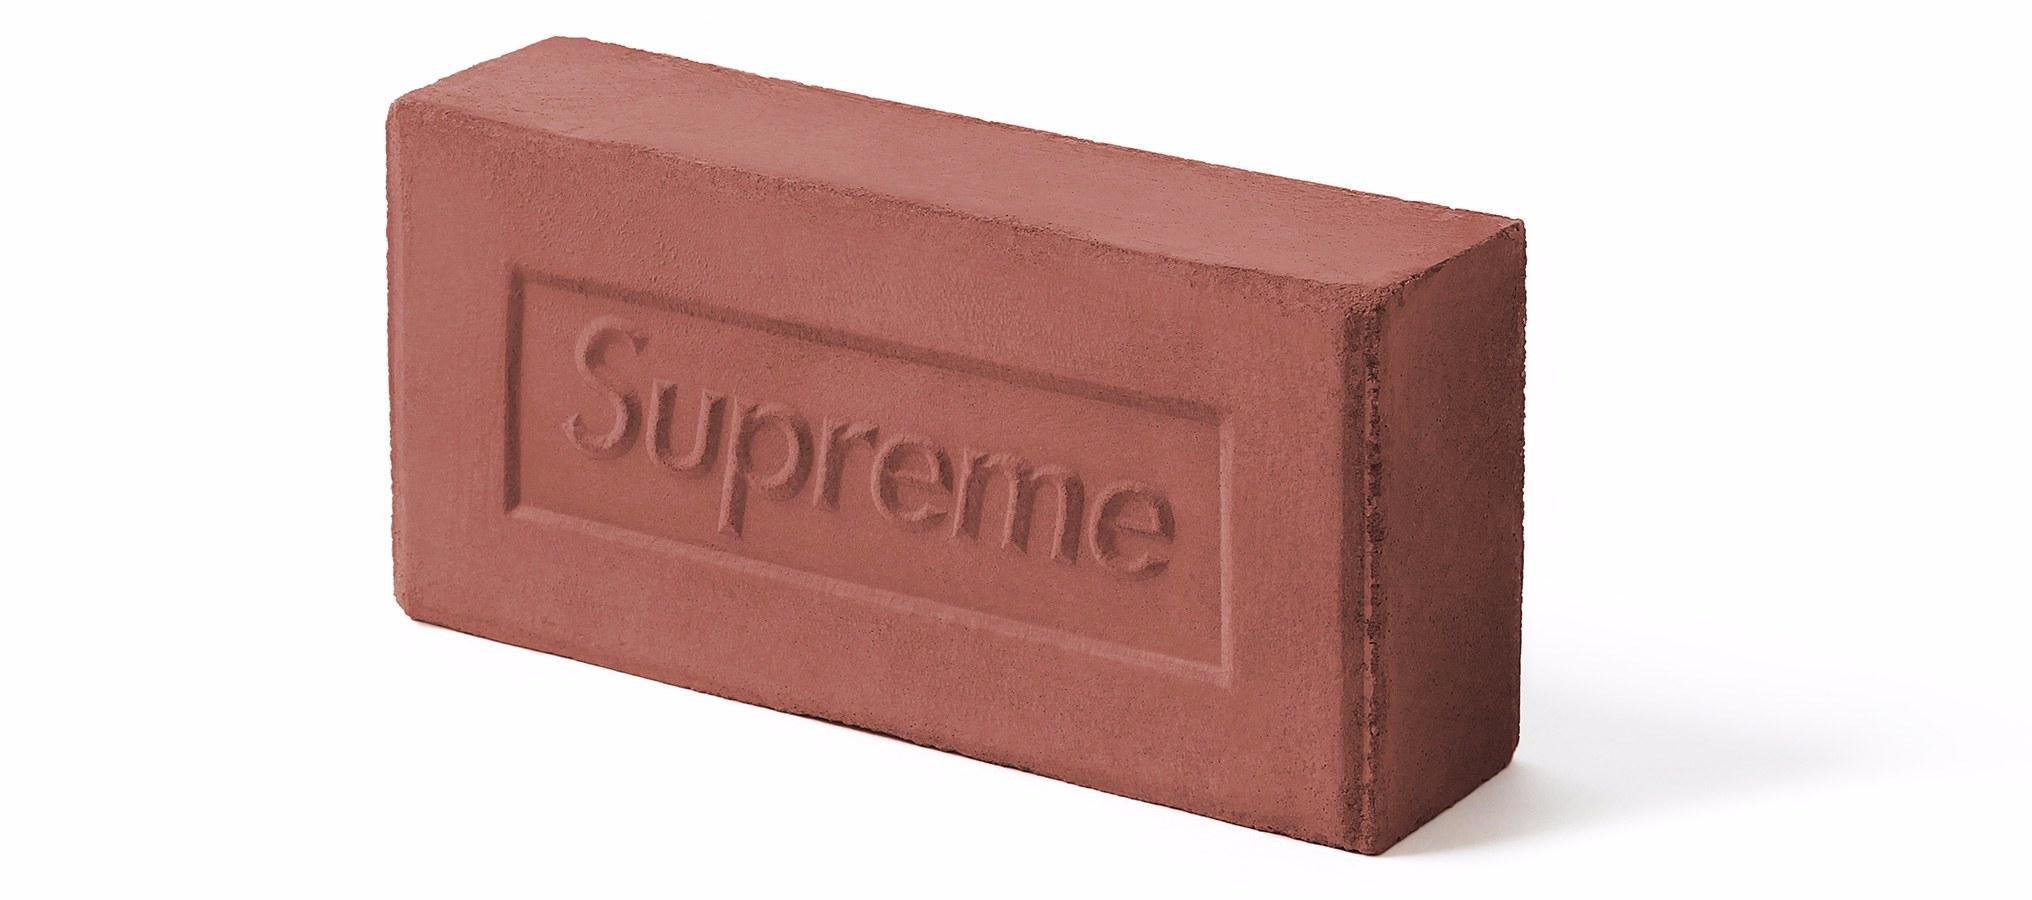 其實真的要講起來的話,這塊紅磚也不是那麼平凡,它是紐約滑板品牌Supreme設計的紅磚